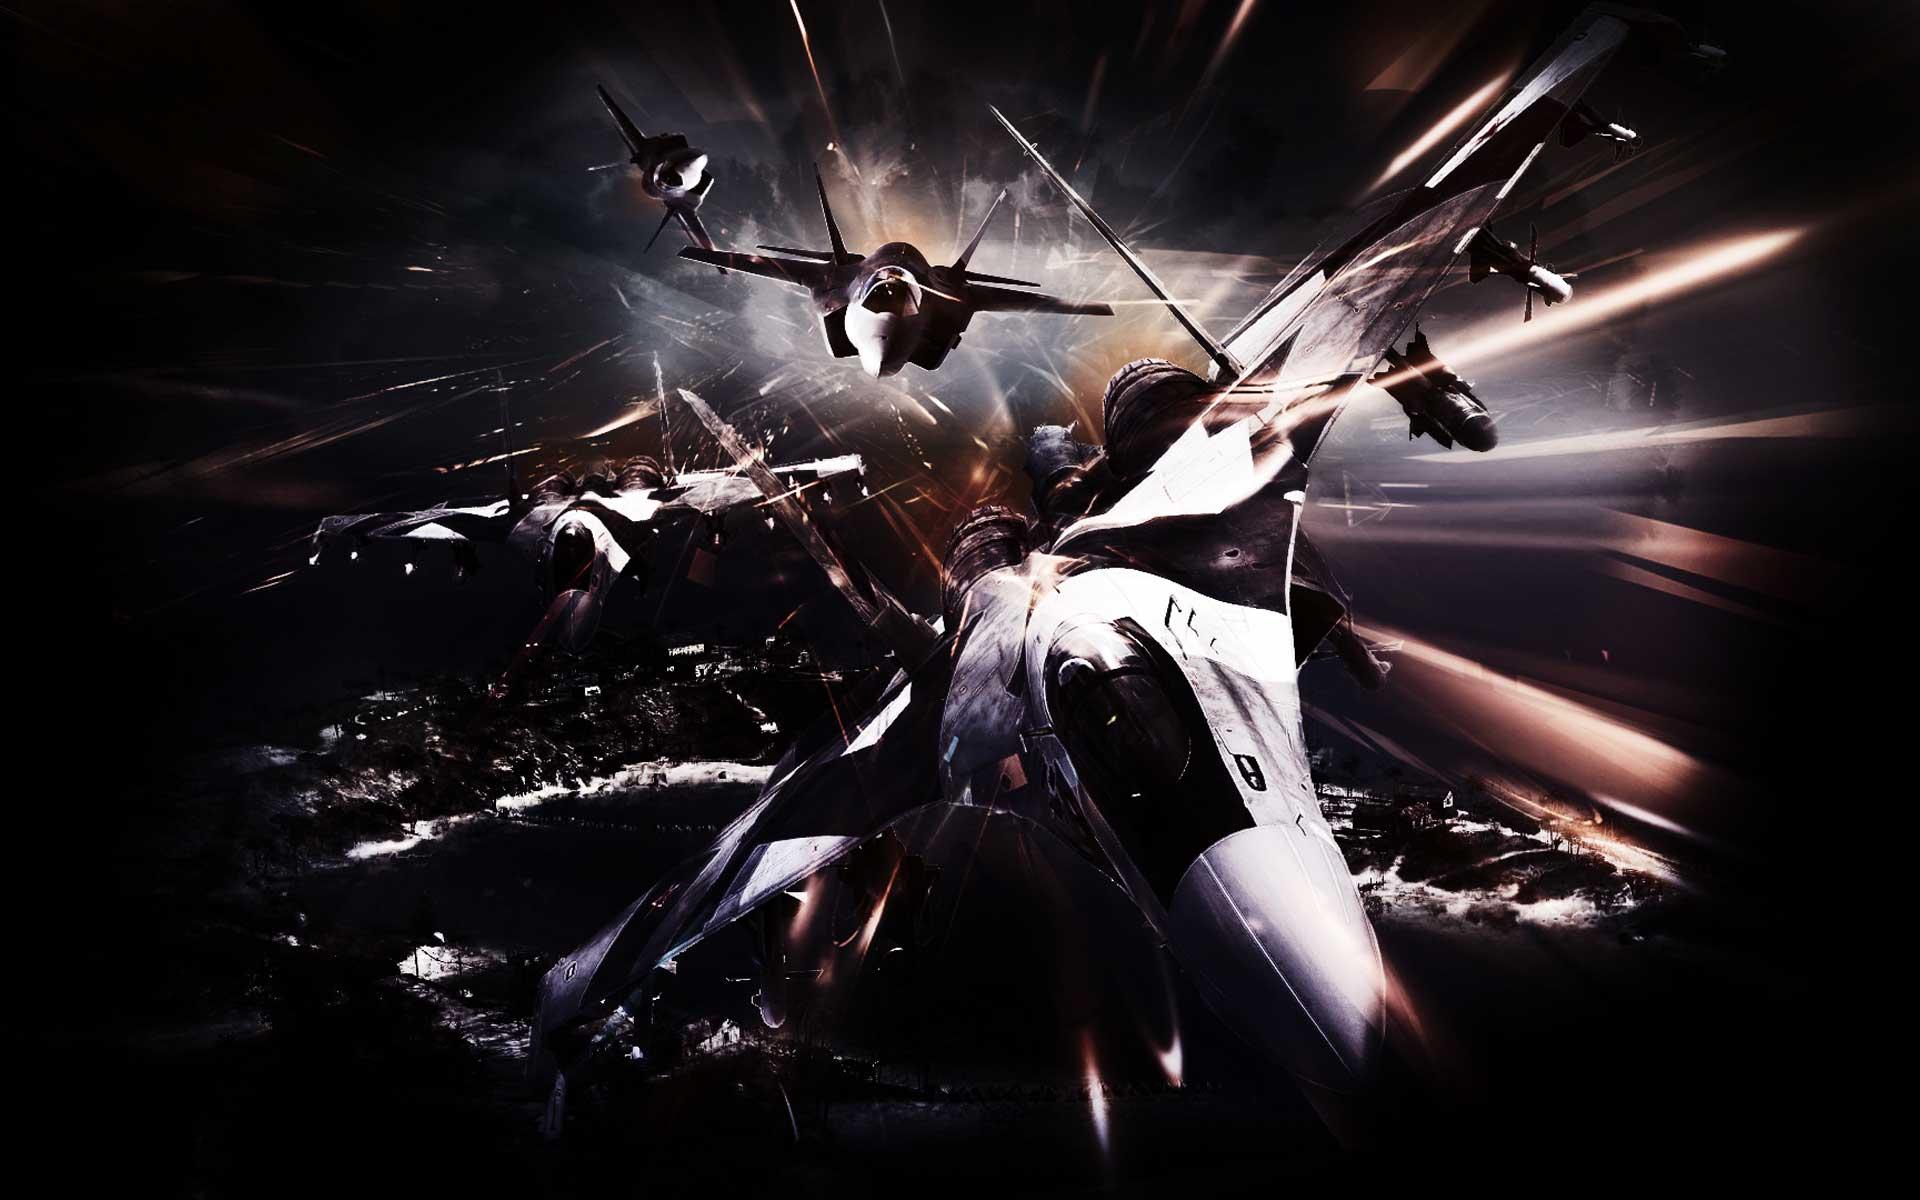 Battlefield Jet Wallpaper